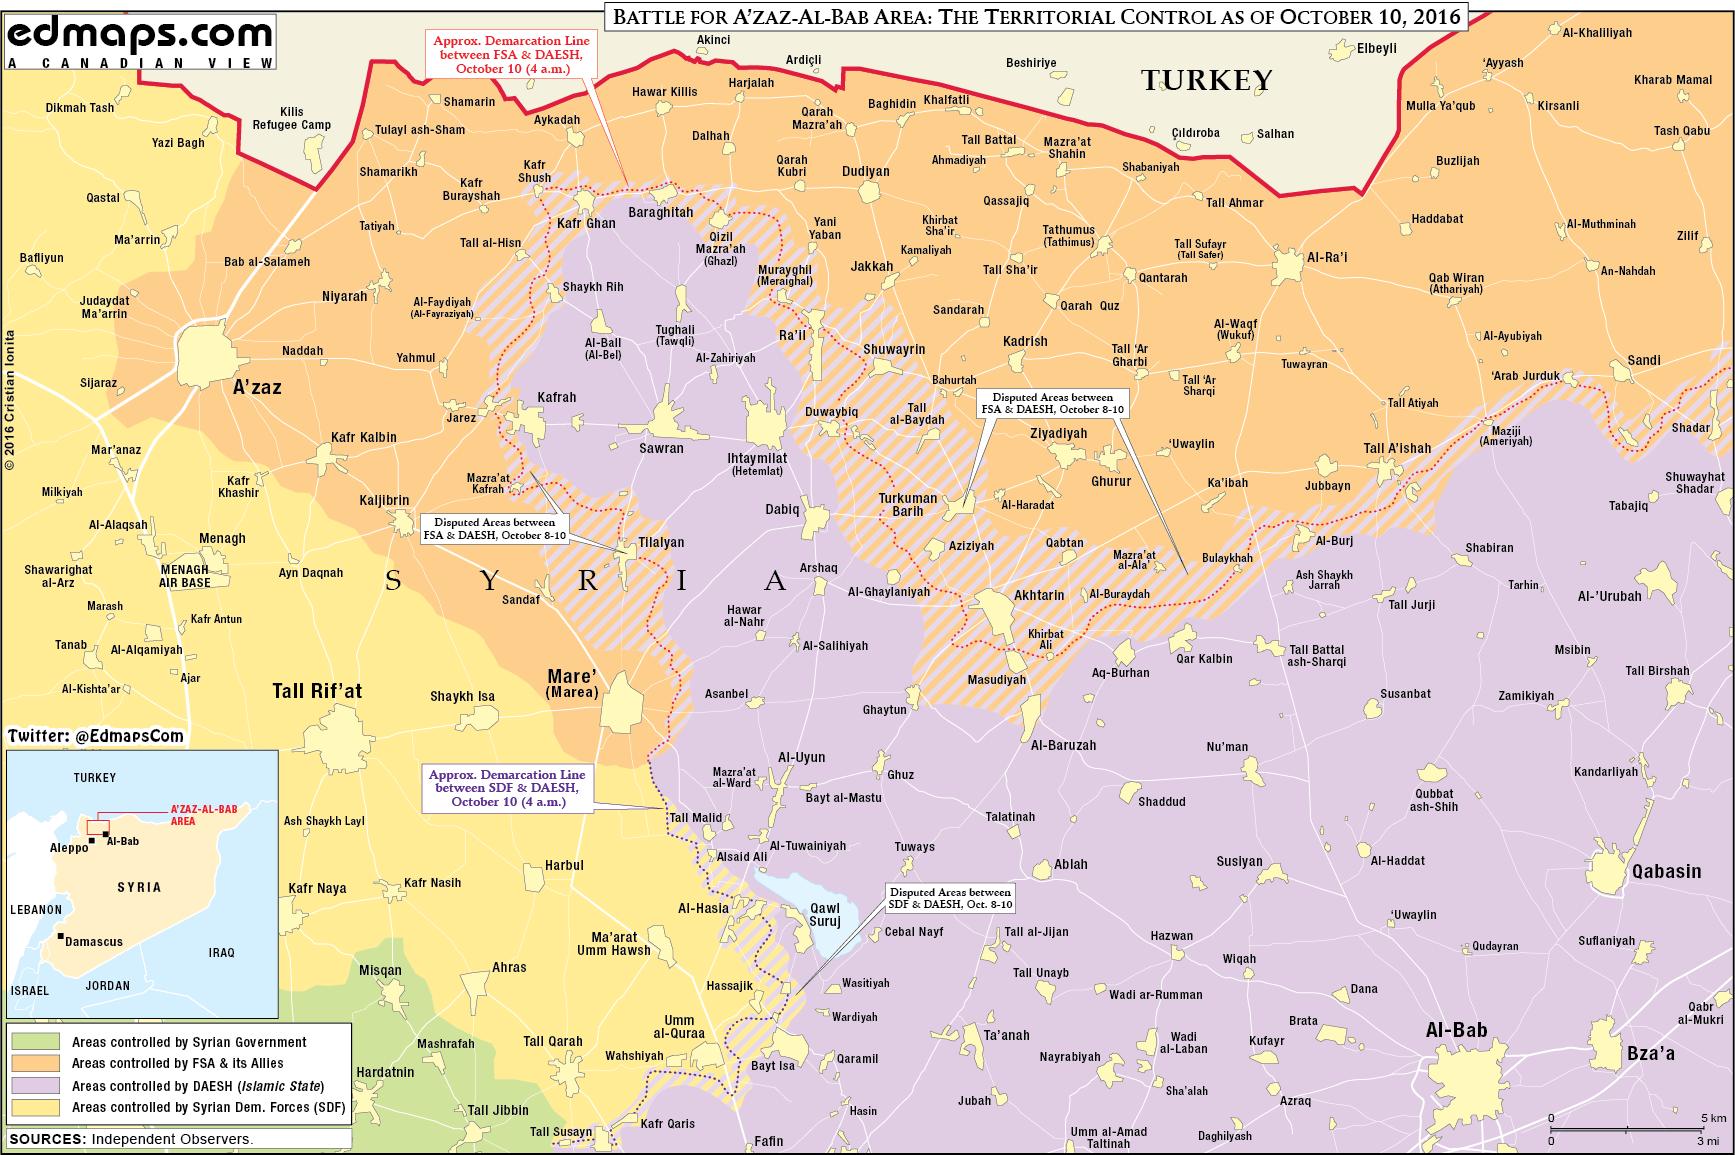 Syrien Karte 2016.Syrien Militärische Lage Im Großraum Azaz Am 10 Oktober 2016